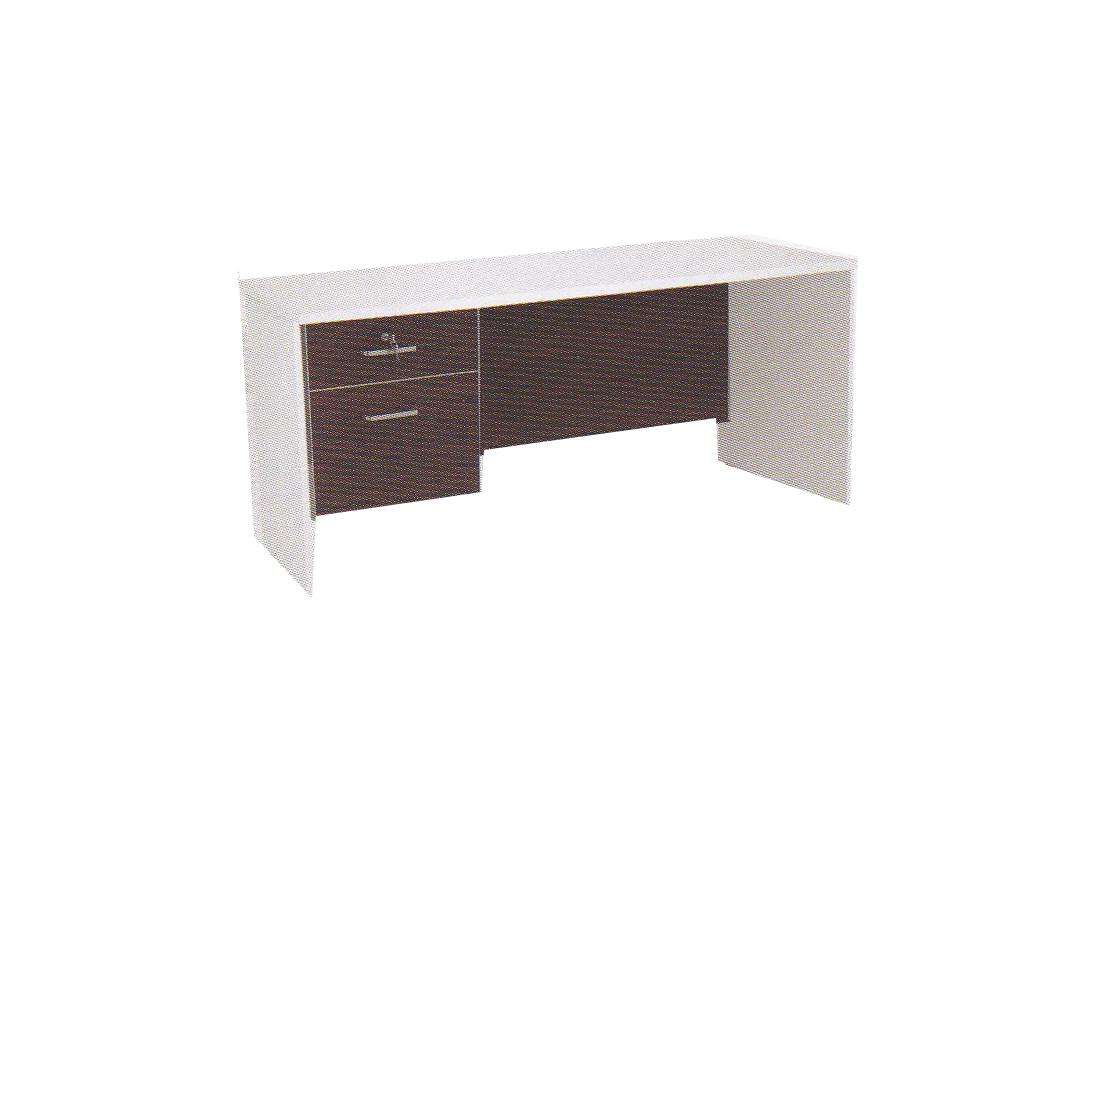 โต๊ะทำงาน 1.60 ม. พร้อมลิ้นชัก TDK-P1602